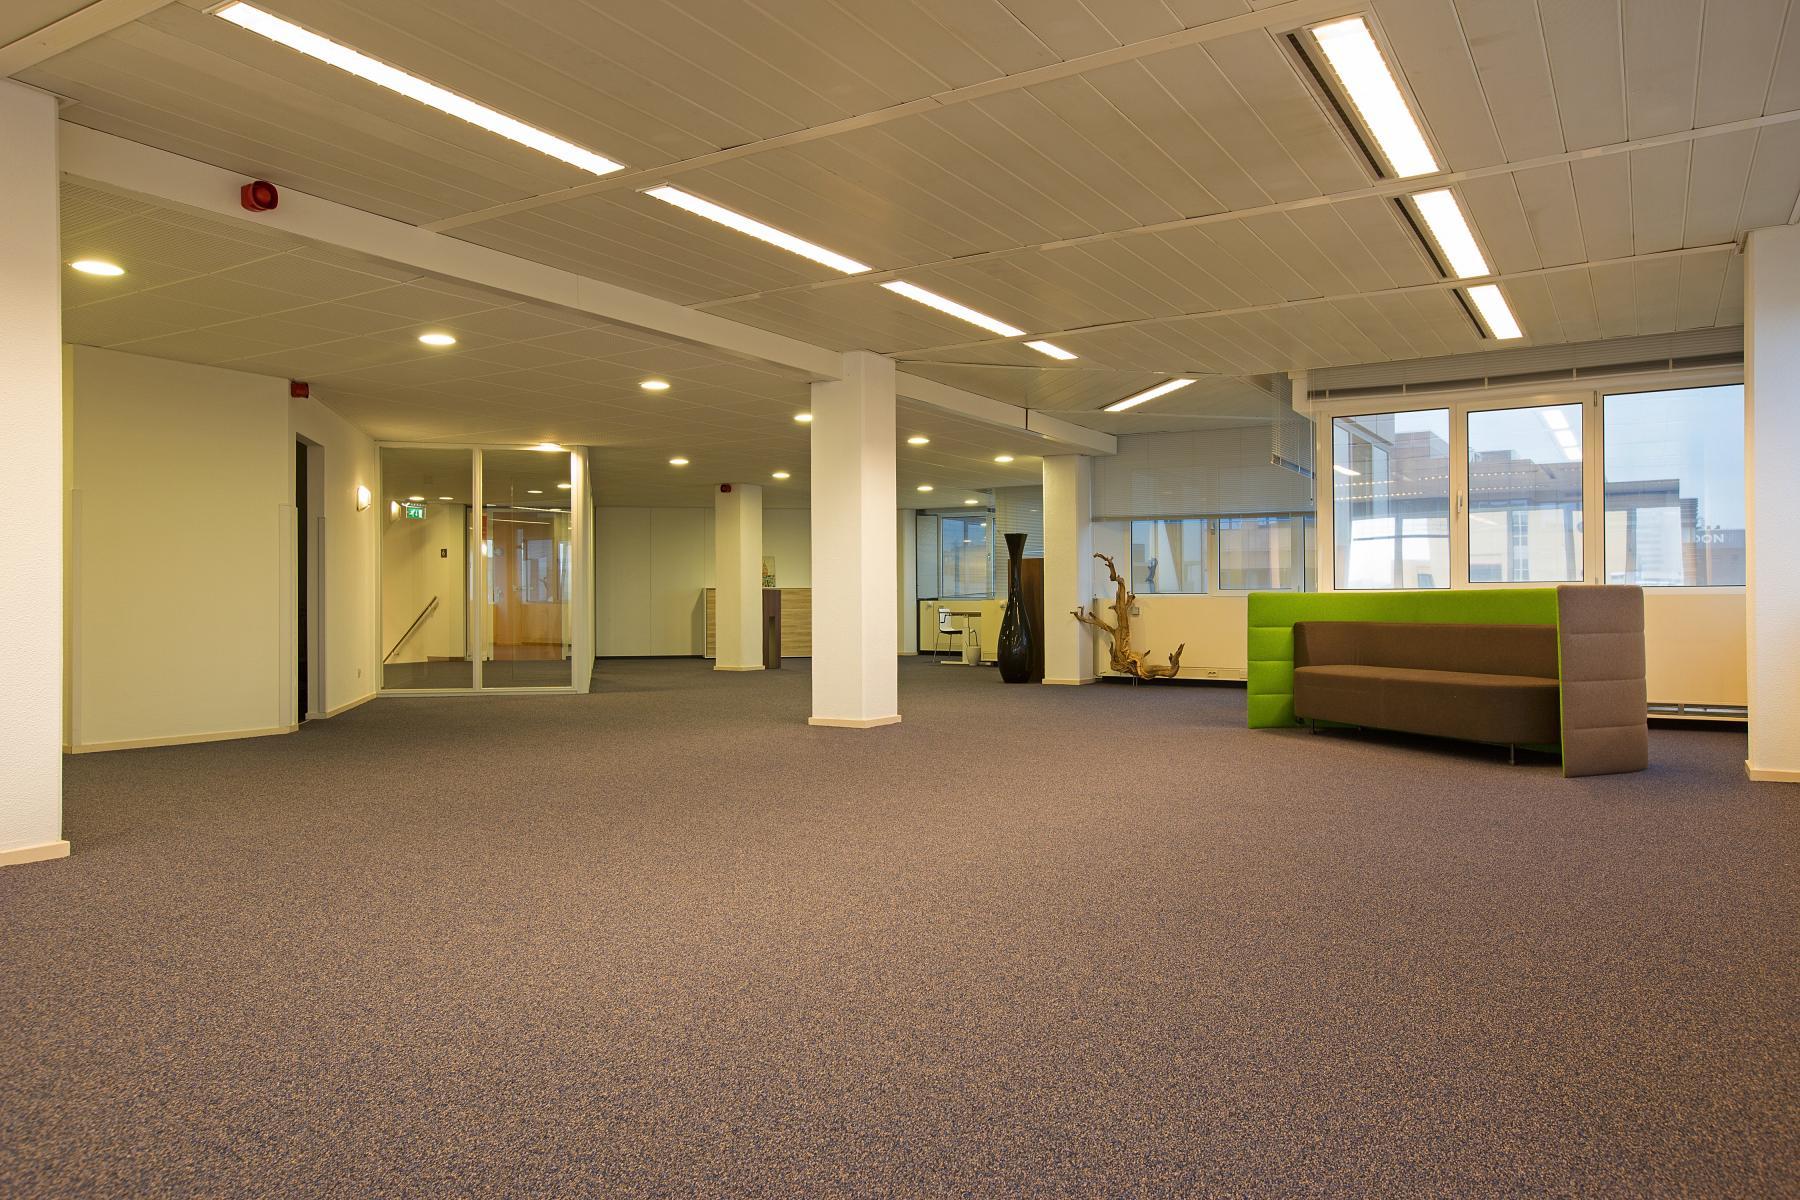 werkplek huren in amsterdam zuidoost met glasvezel